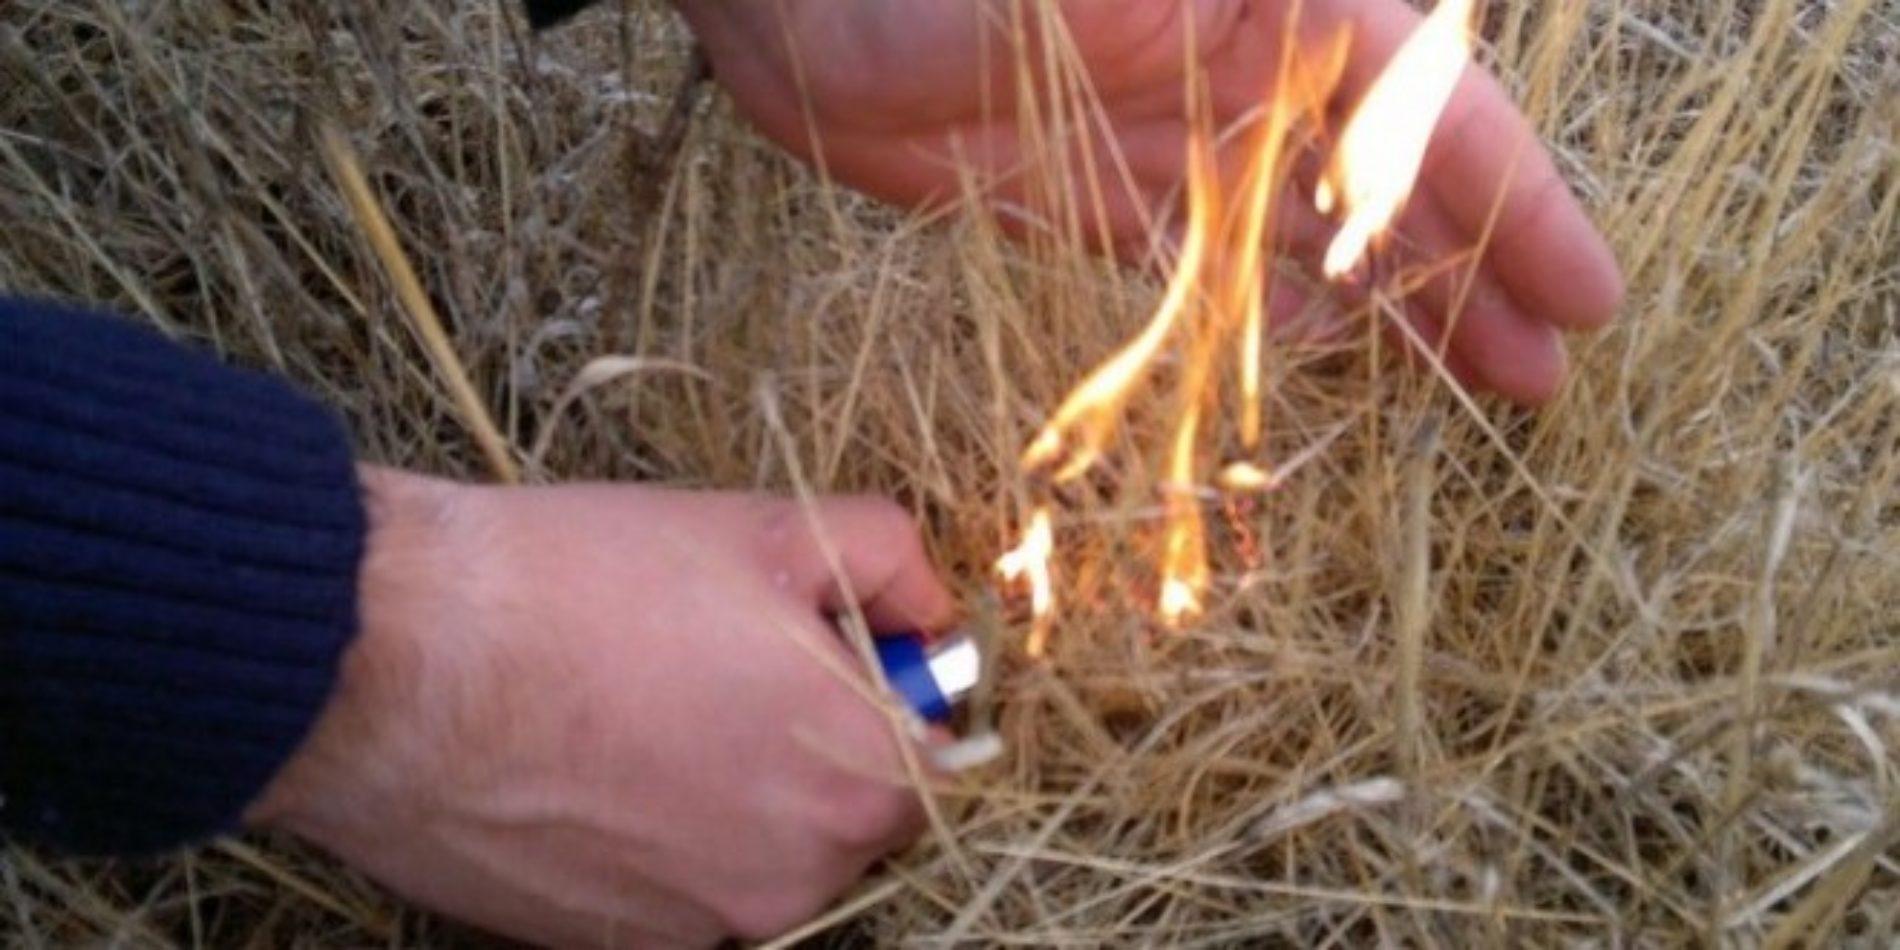 PJ deteve suspeito de atear incêndio na Figueira da Foz